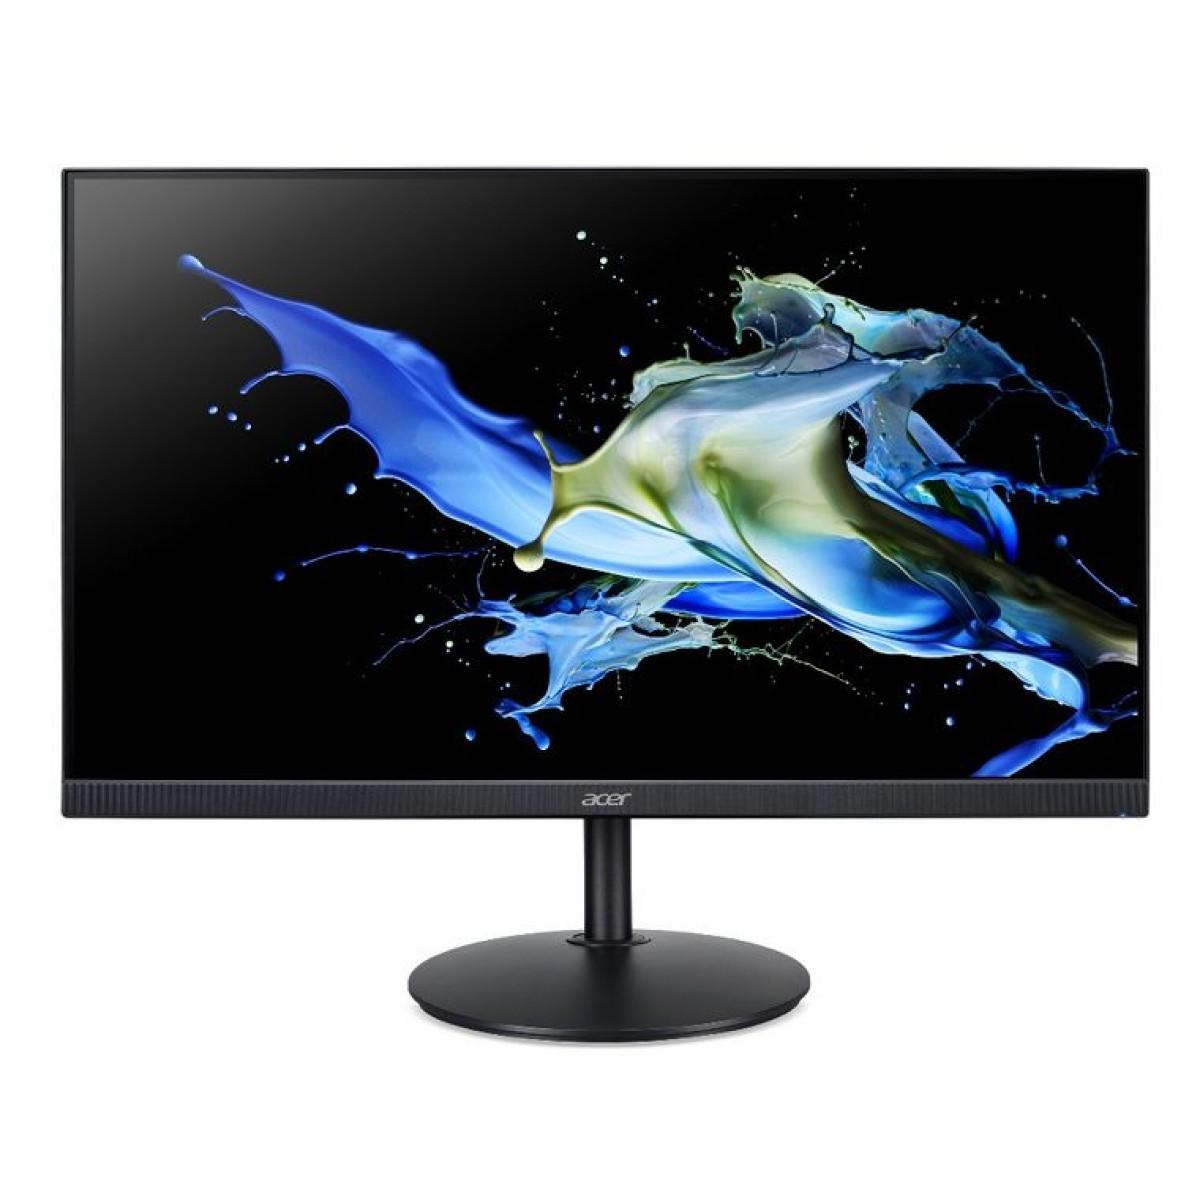 Monitor Gamer Acer, CB272 Bmiprx, 27 Pol, Full HD, 1 ms, HDMI, VGA, DP, CB272